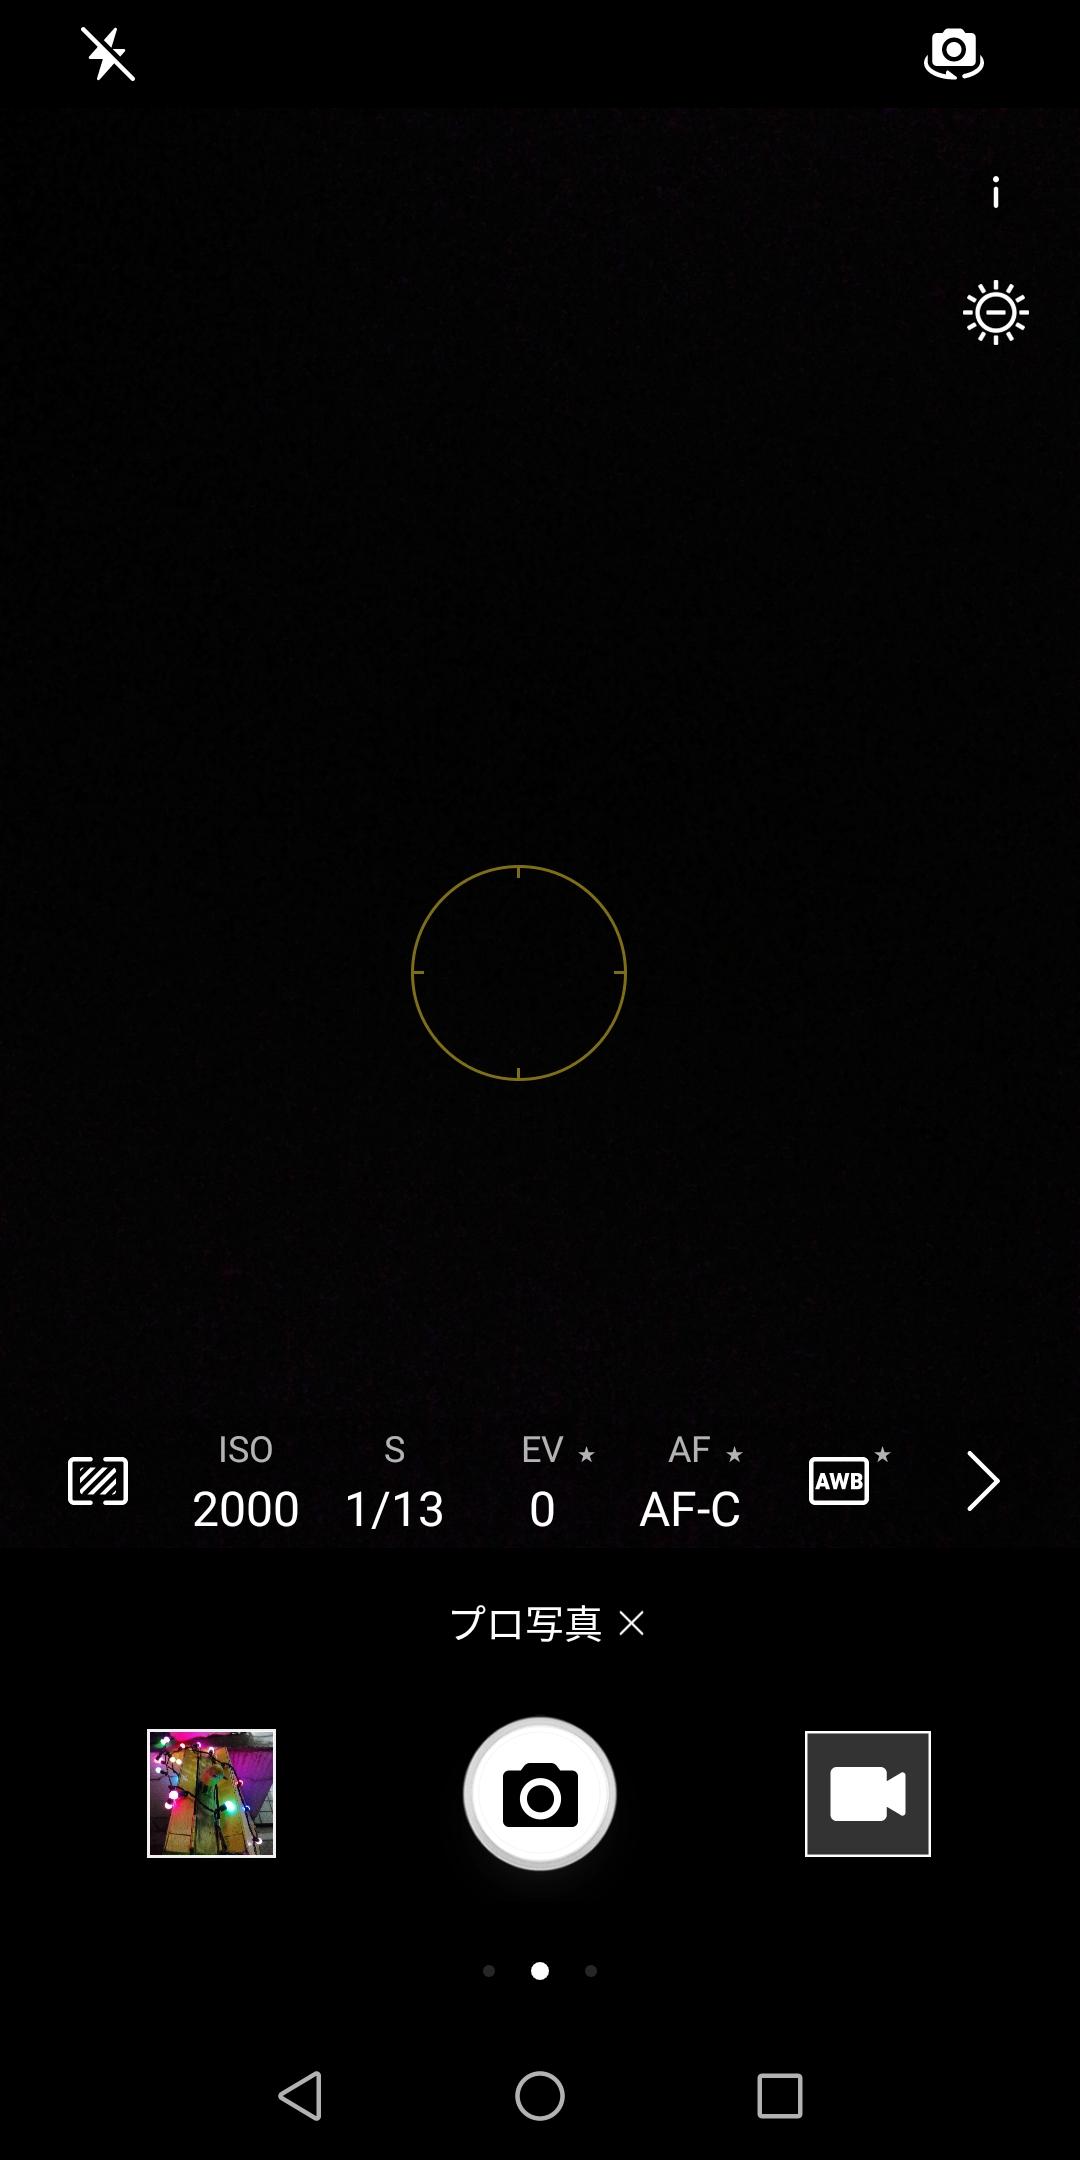 カメラ/プロ写真